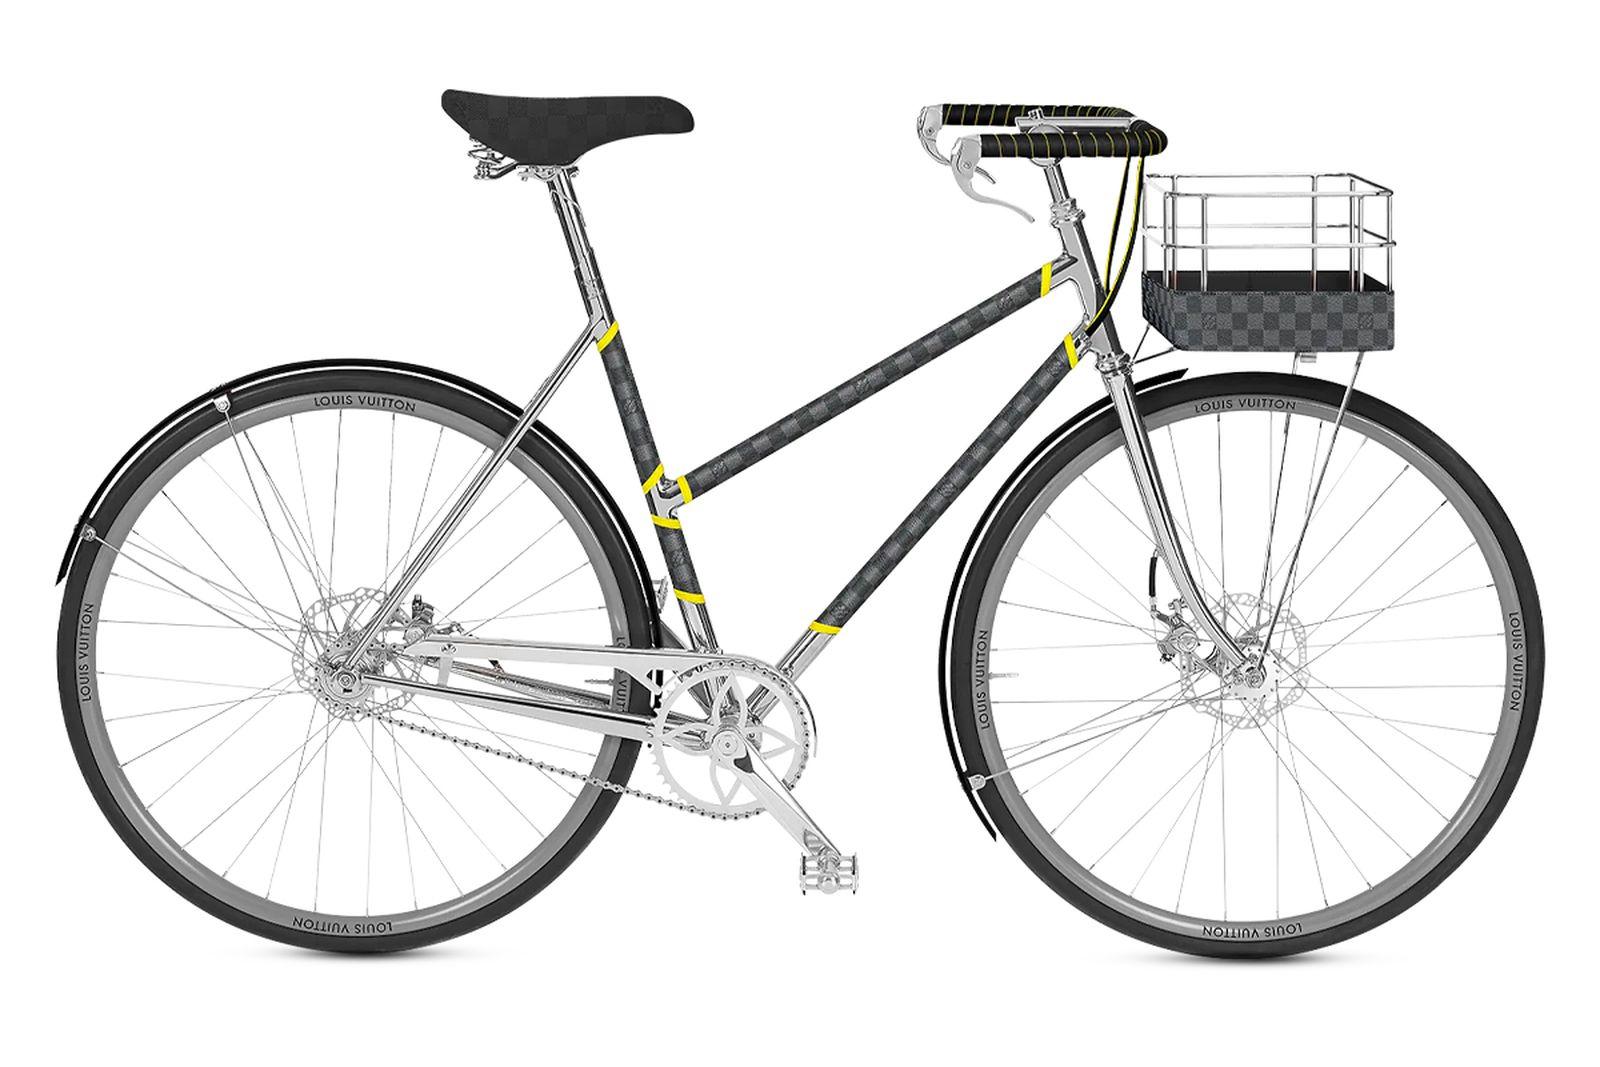 lv-bike-07